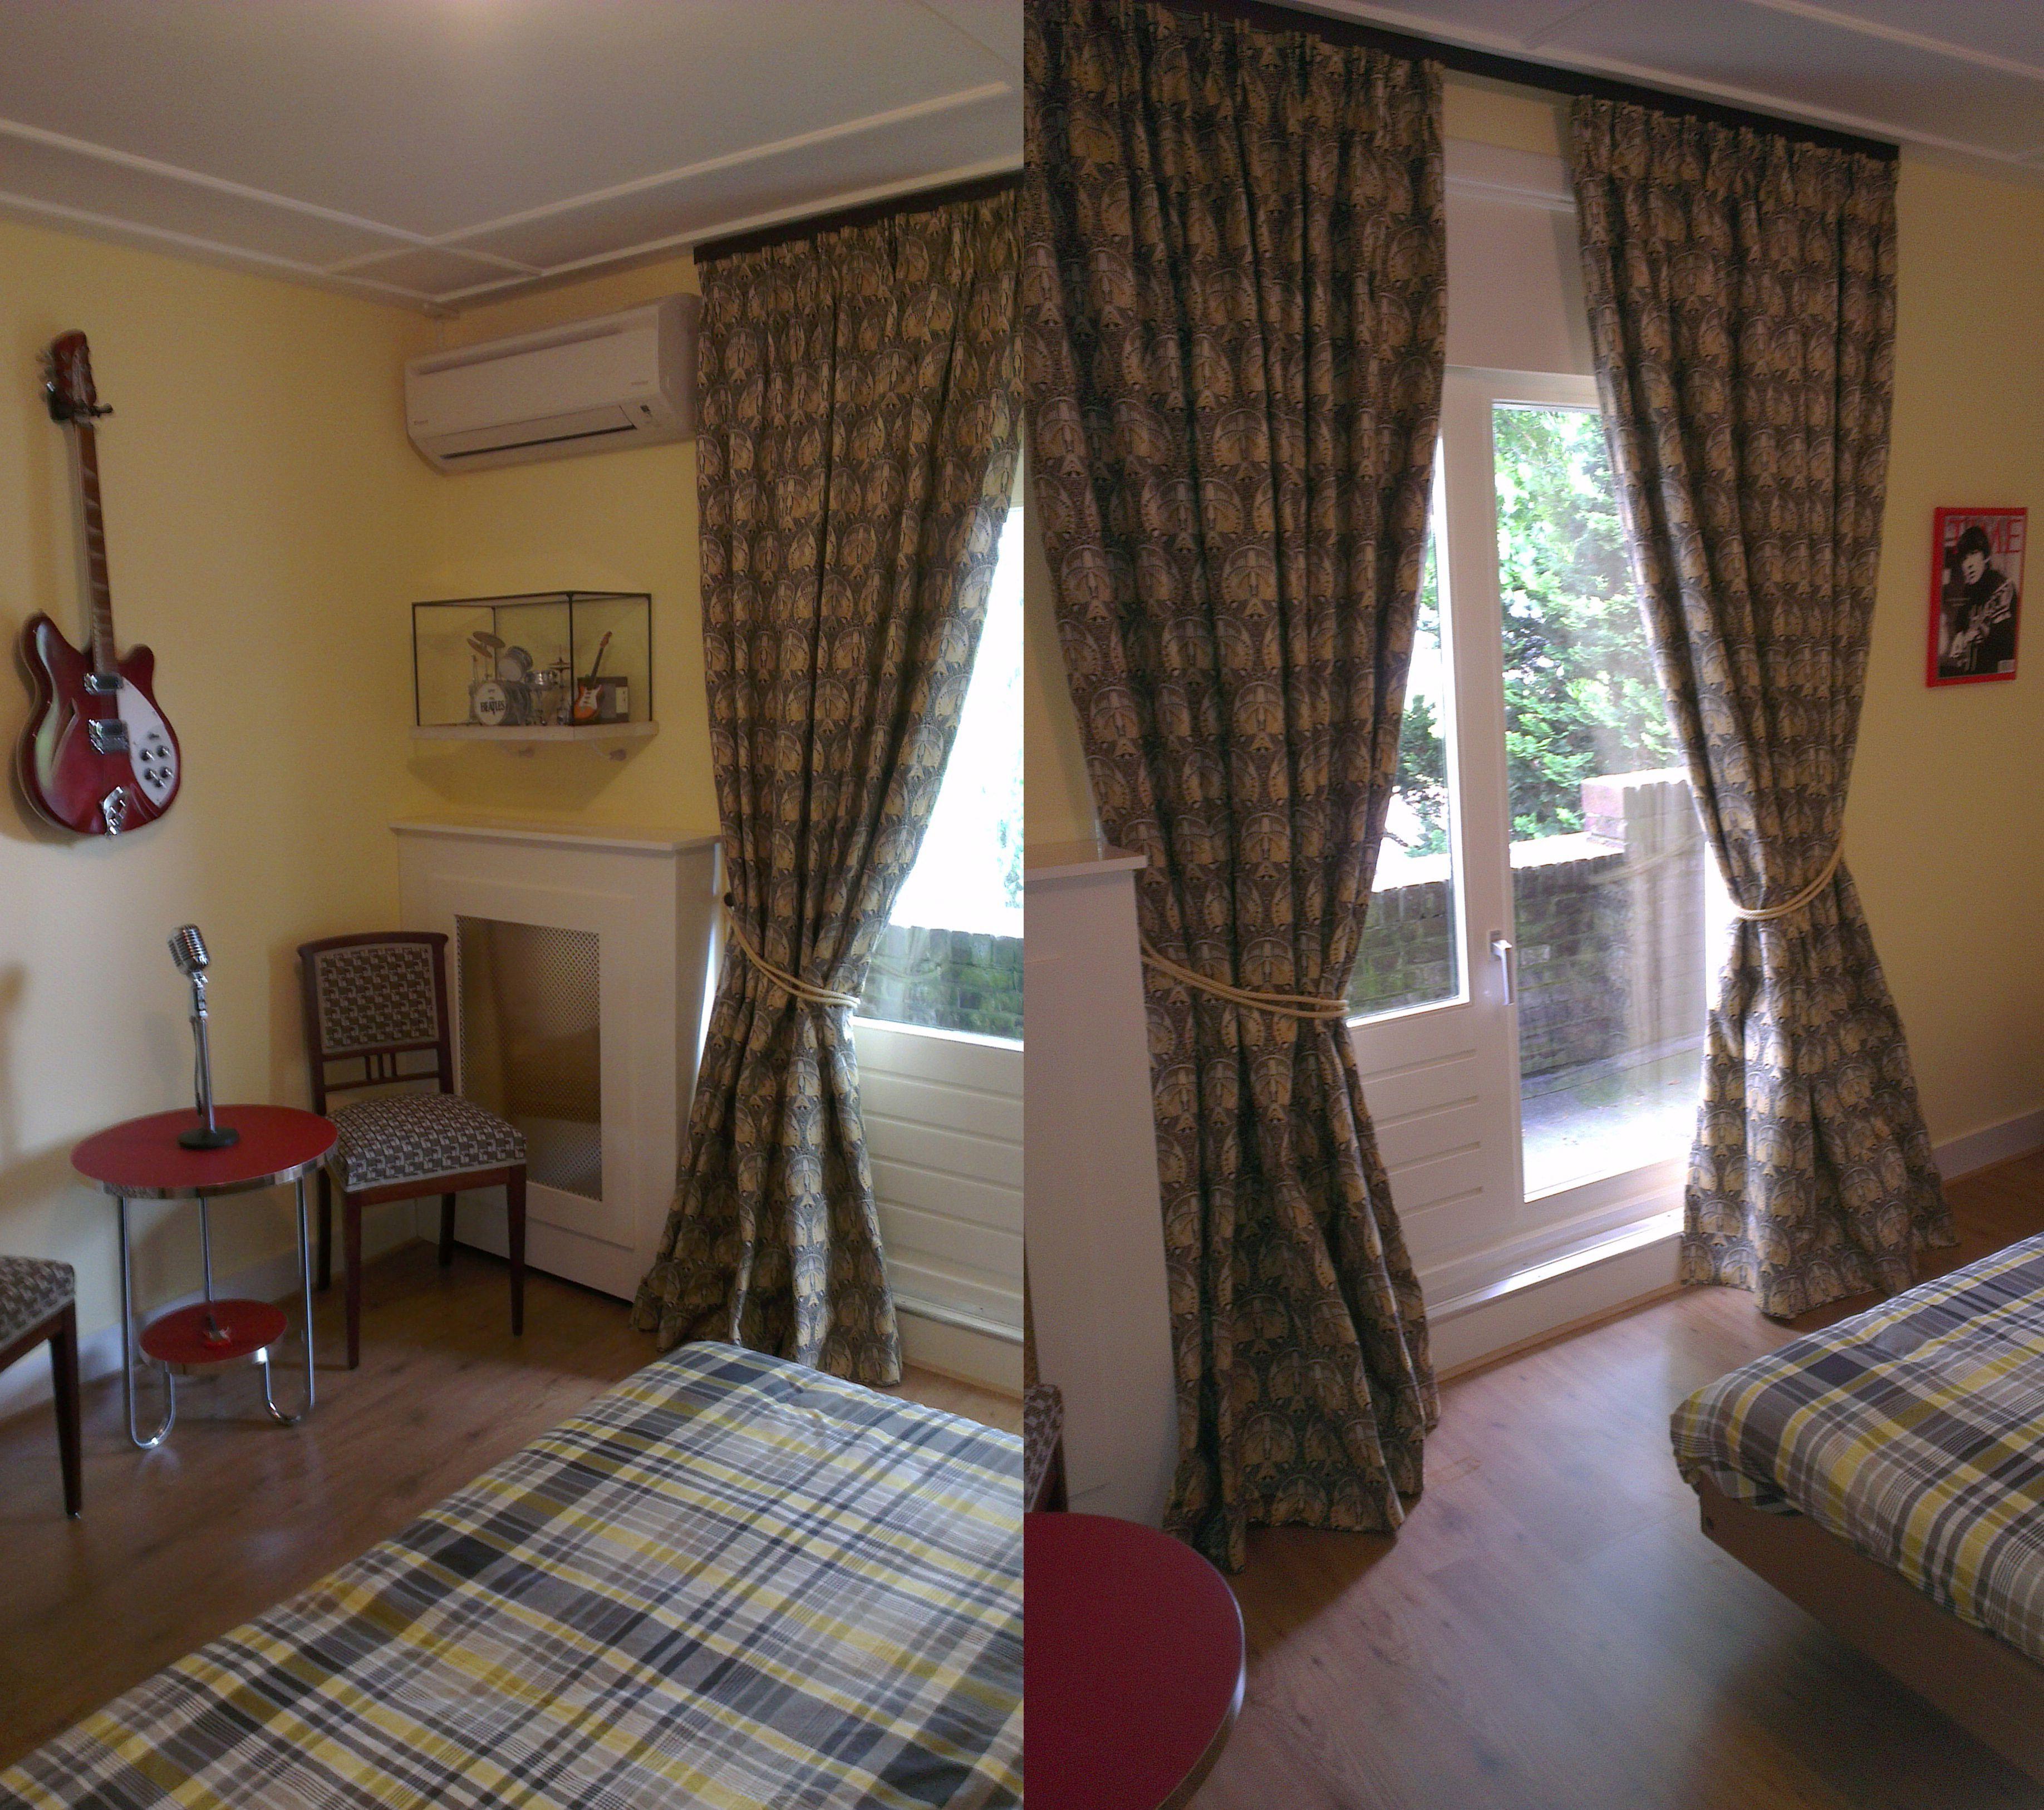 Gekozen door een van onze klanten: gordijnstof Graceful Jugendstil, Retro Bijzettafel Linoleum, Authentieke stoelen en authentieke nachtkastjes. Verkrijgbaar bij artdecowebwinkel.com.